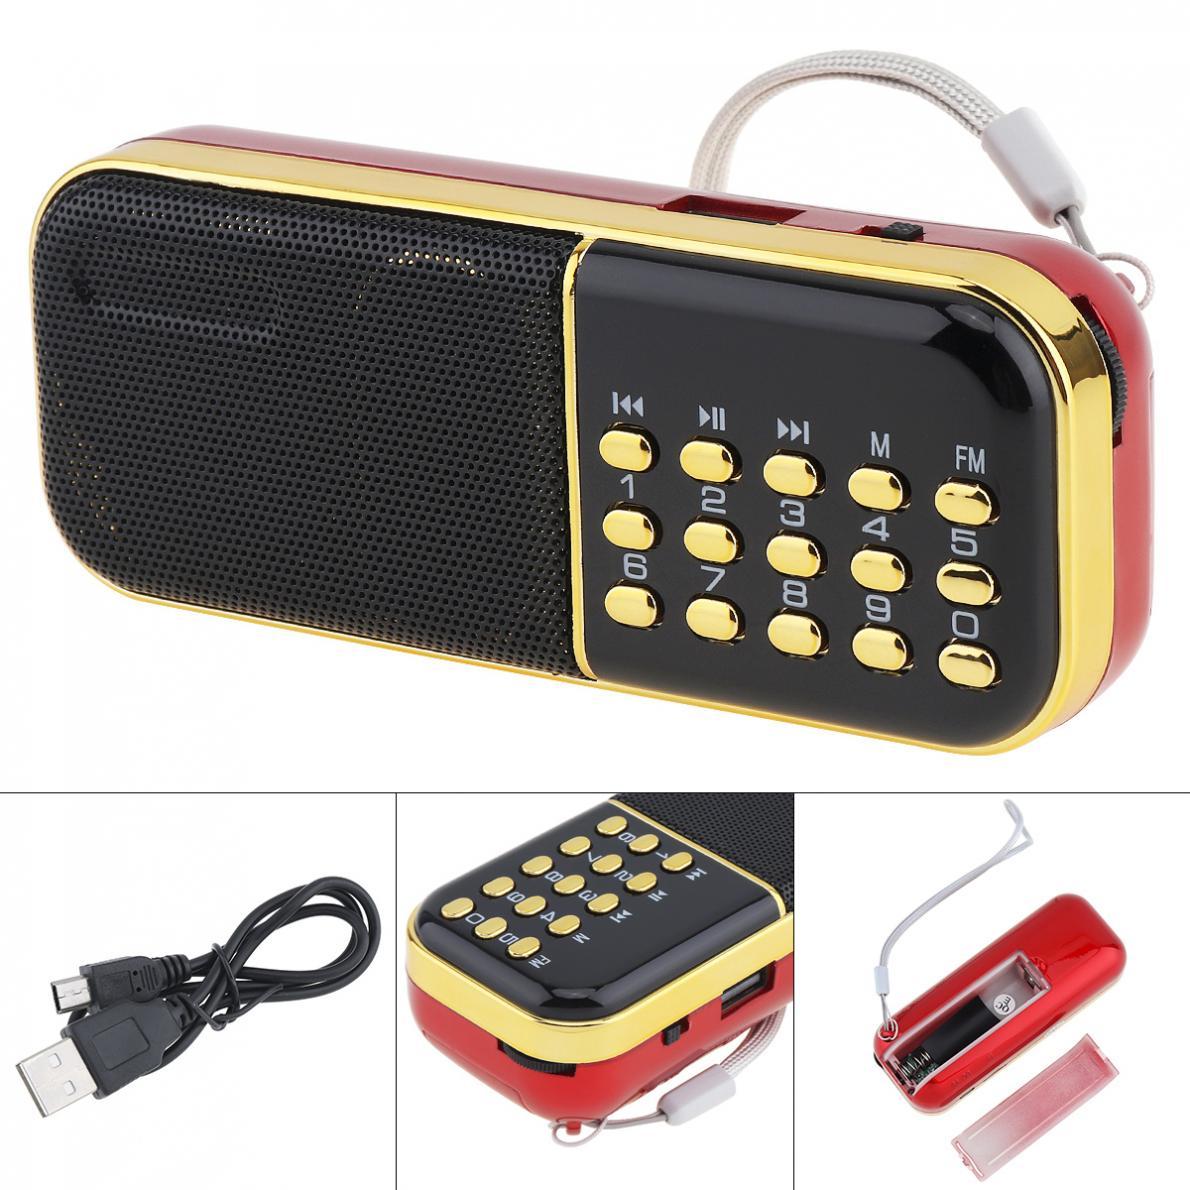 E28 Tragbare Radio Mini Audio Karte Lautsprecher Fm Radio Mit 3,5mm Kopfhörer Jack Für Hause Im Freien Tragbares Audio & Video